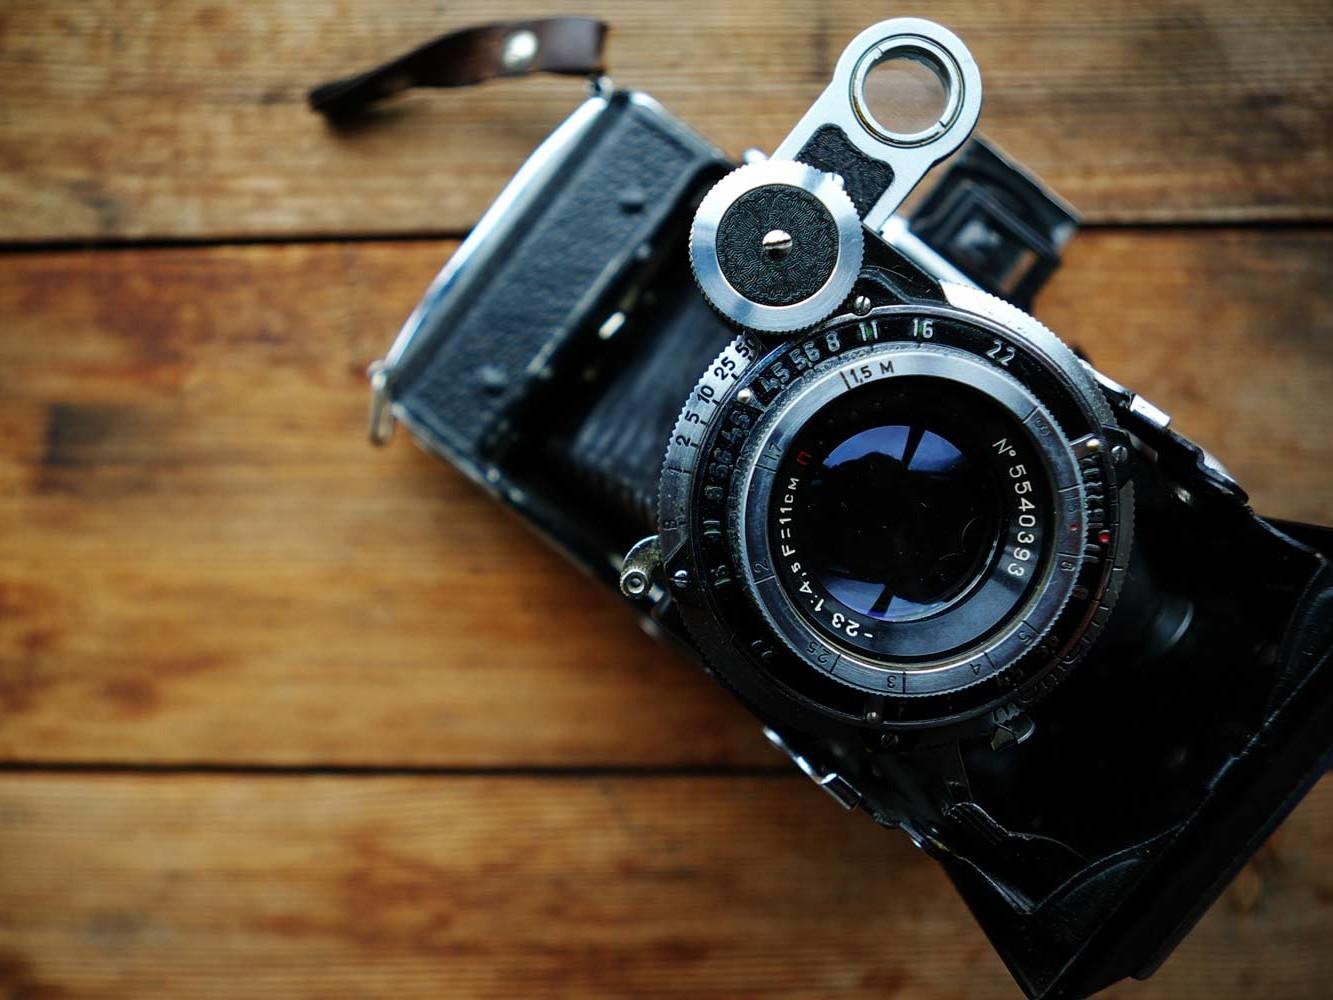 Que cámara usará mi fotógrafo